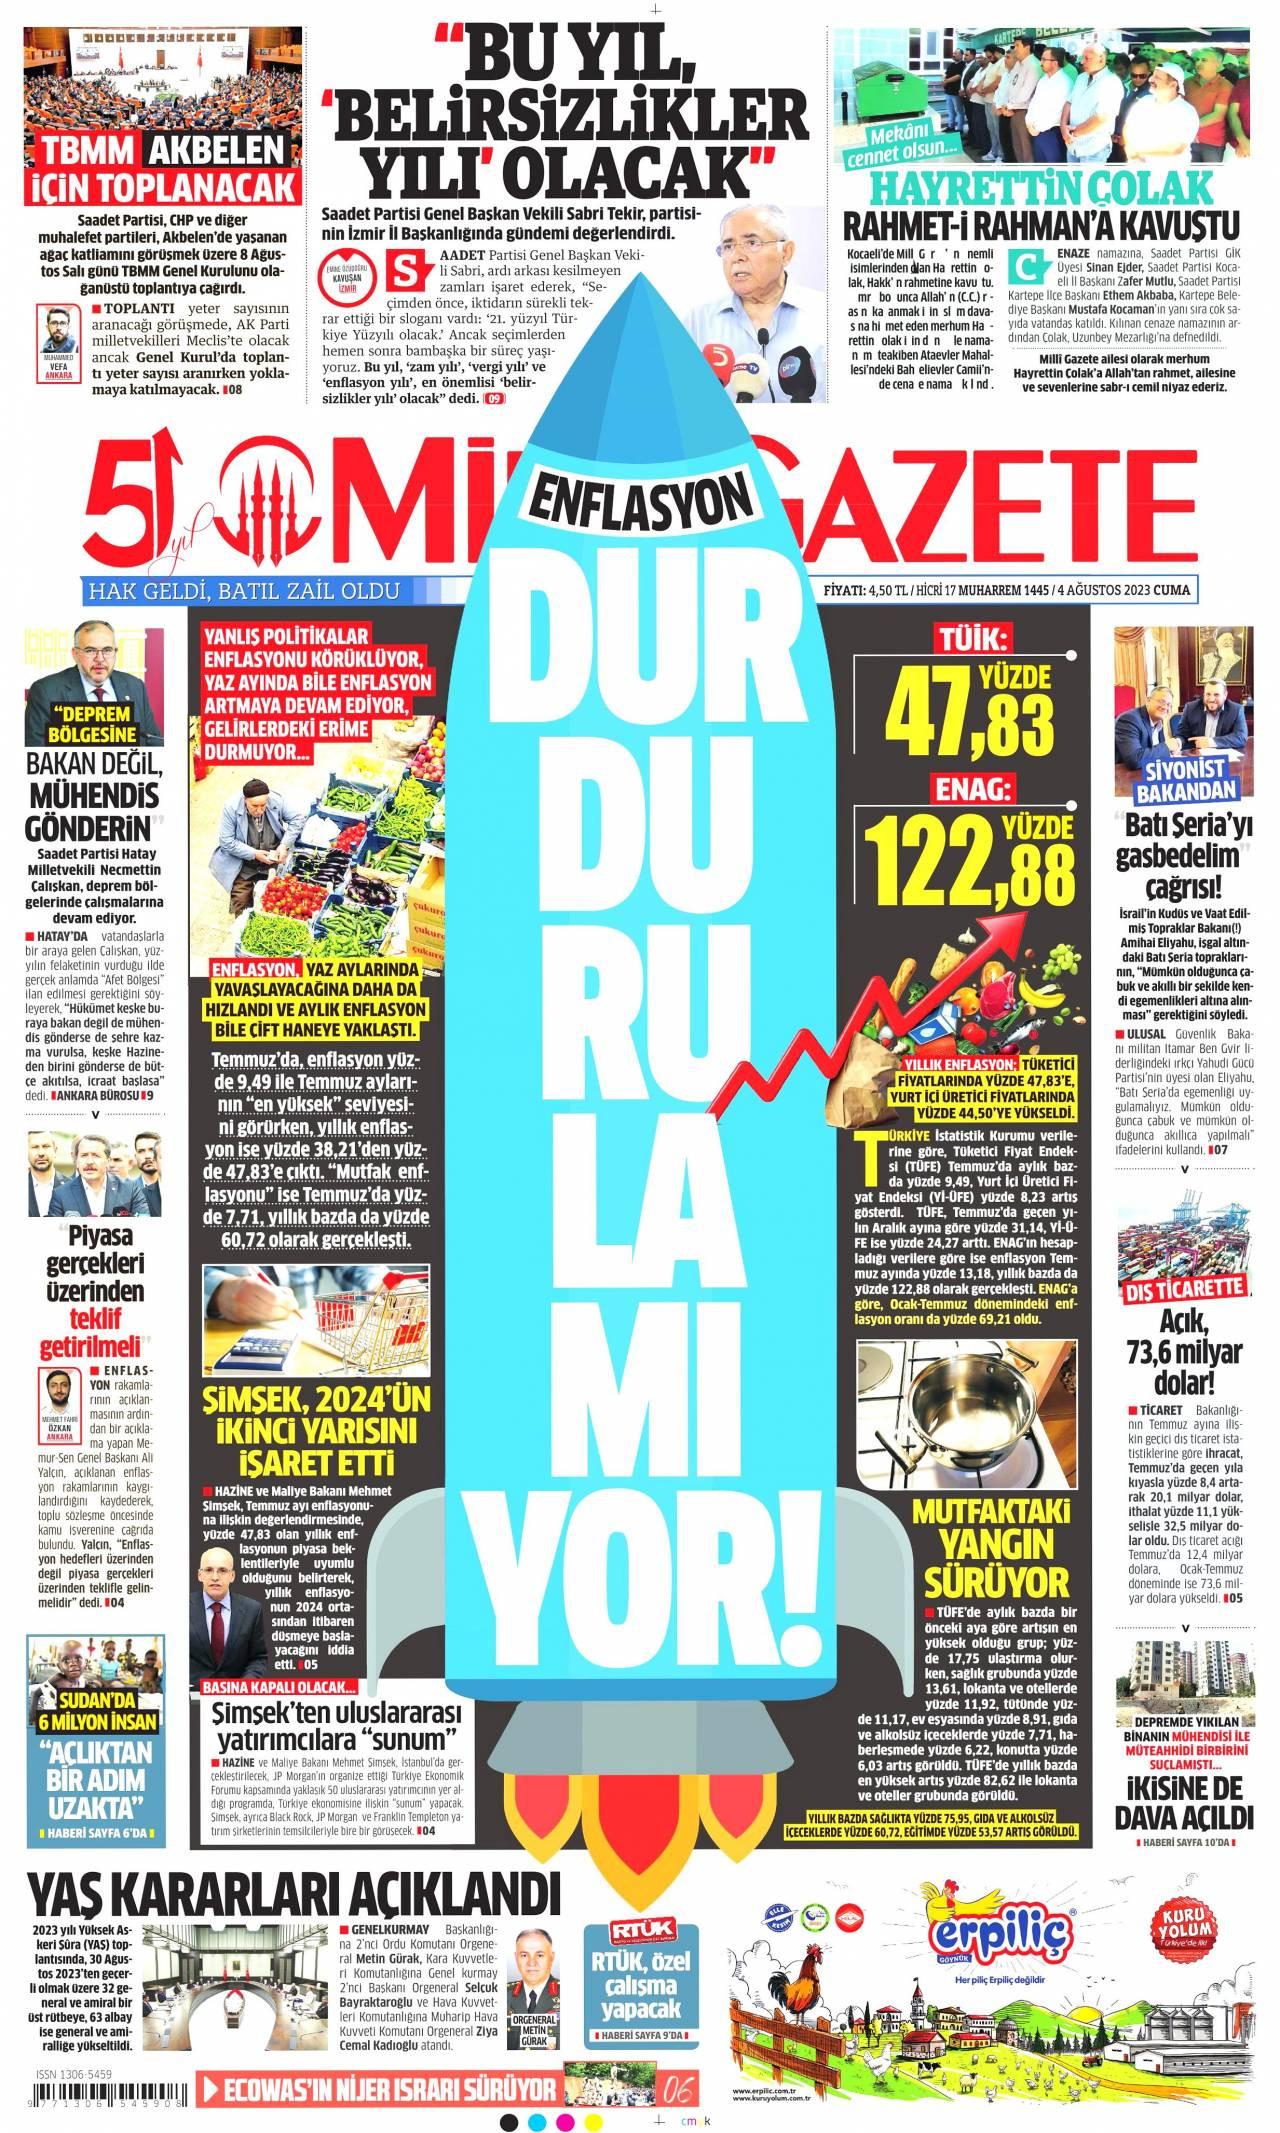 19.06.2018 tarihli Milli Gazete gazetesinin 1. sayfası